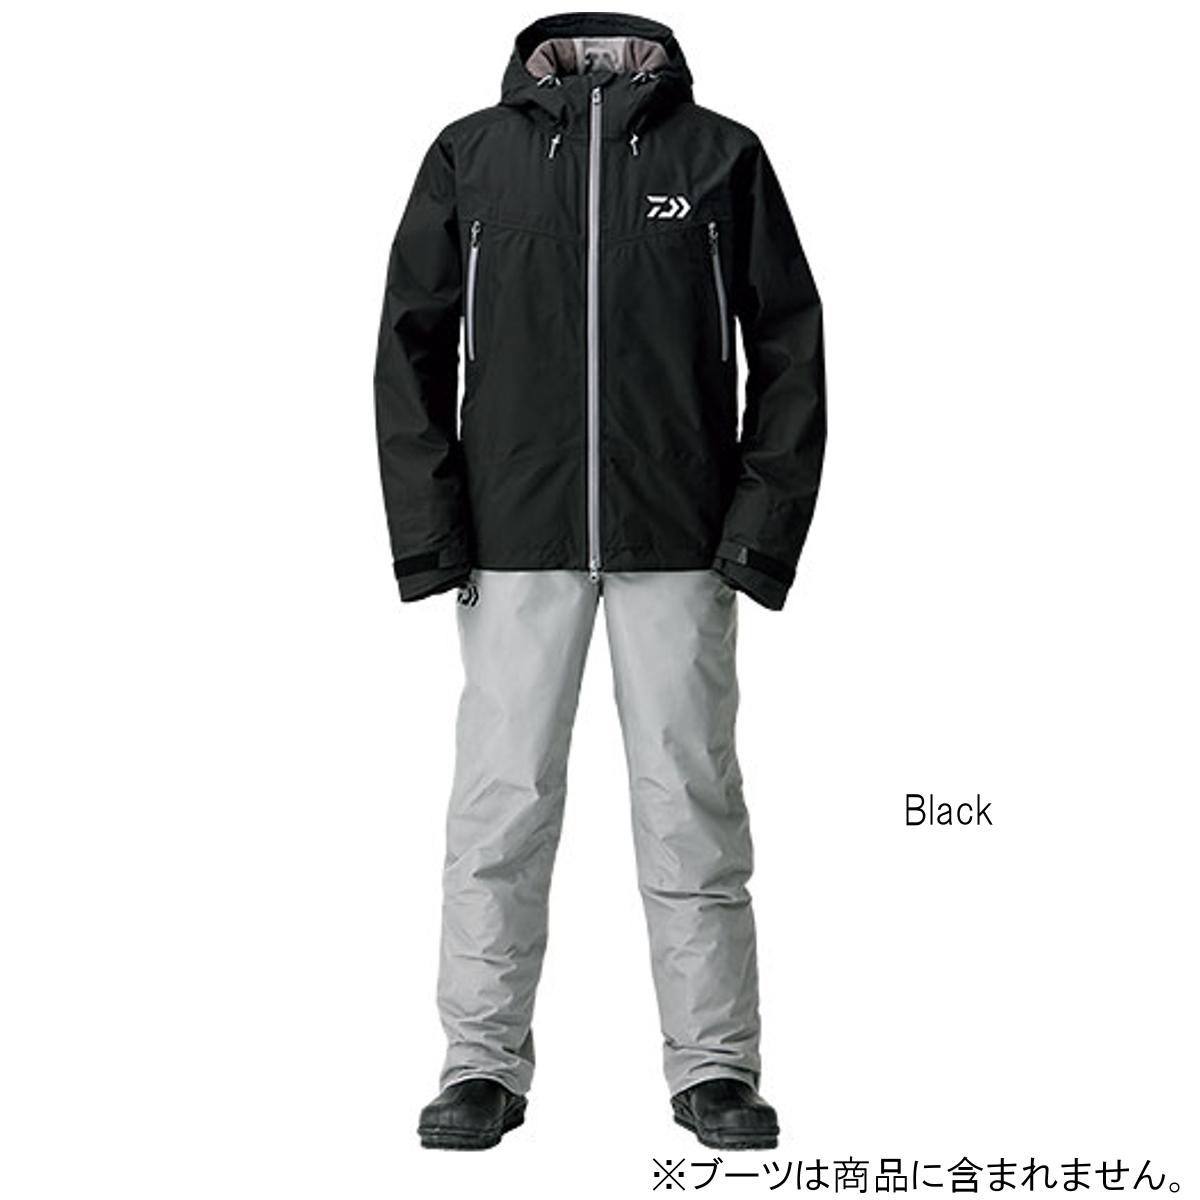 ダイワ ゴアテックス ファブリクス ウィンタースーツ DW-1908 L Black(東日本店)